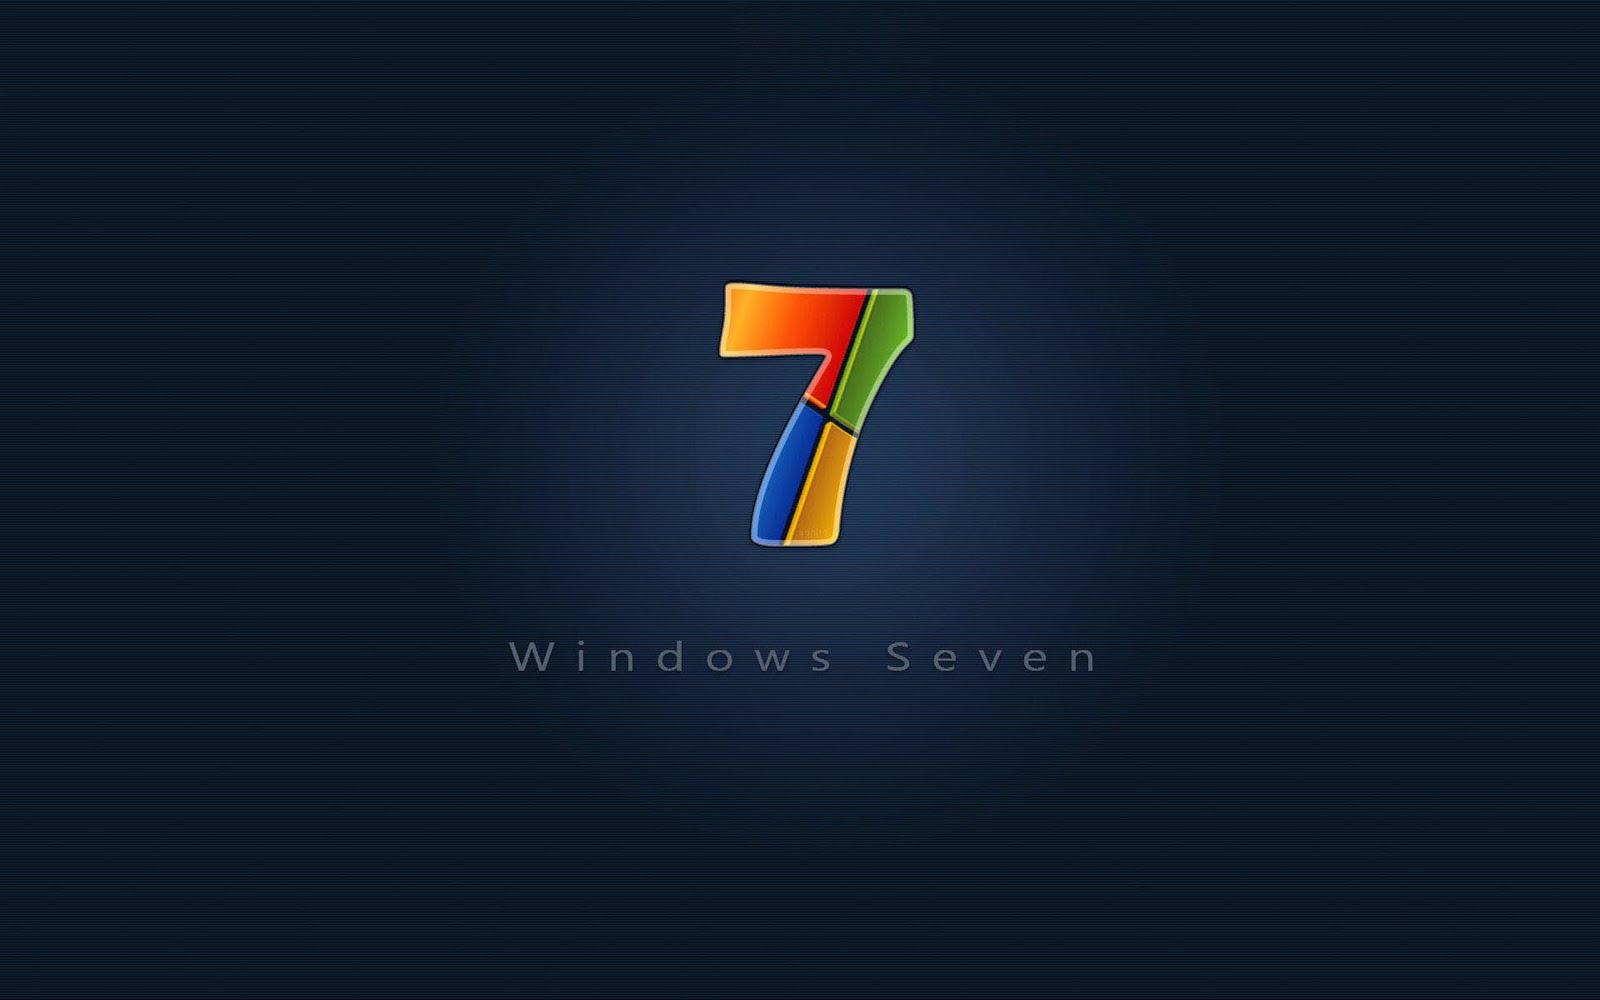 windows 7 logo wallpaper widescreen hd backgrounds black desktop 1600x1000